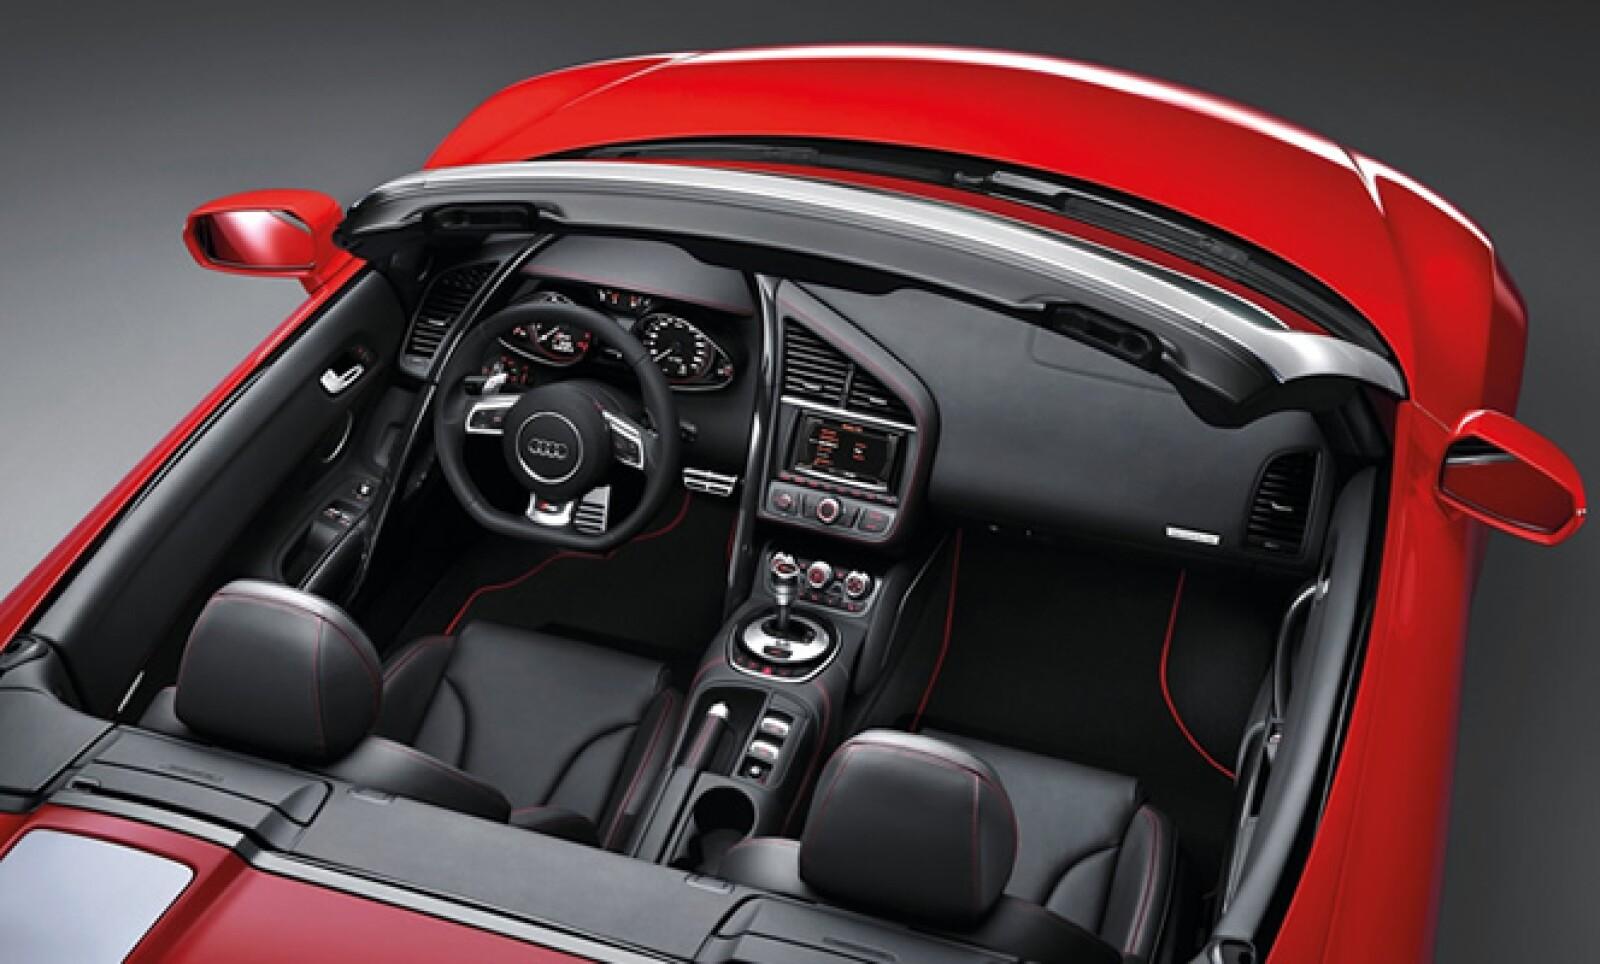 Entre los detalles de confort más relevantes figuran los sistemas de navegación plus y de sonido Bang & Olufsen, control de voz y el mecanismo de estacionamiento con cámara de reversa.